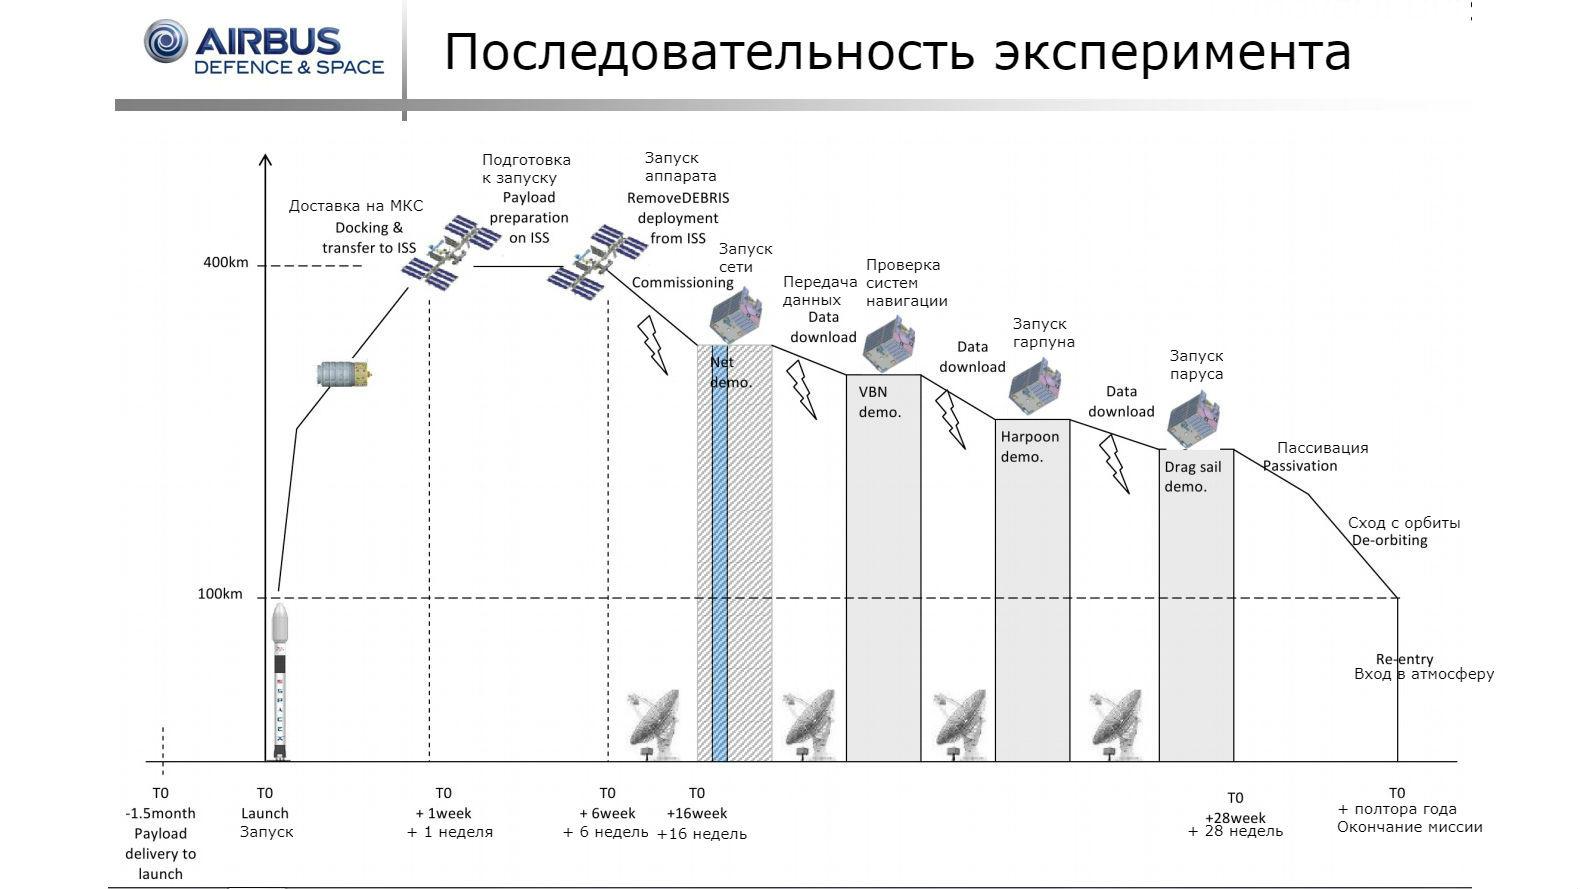 Последовательность выполнения этапов миссии.